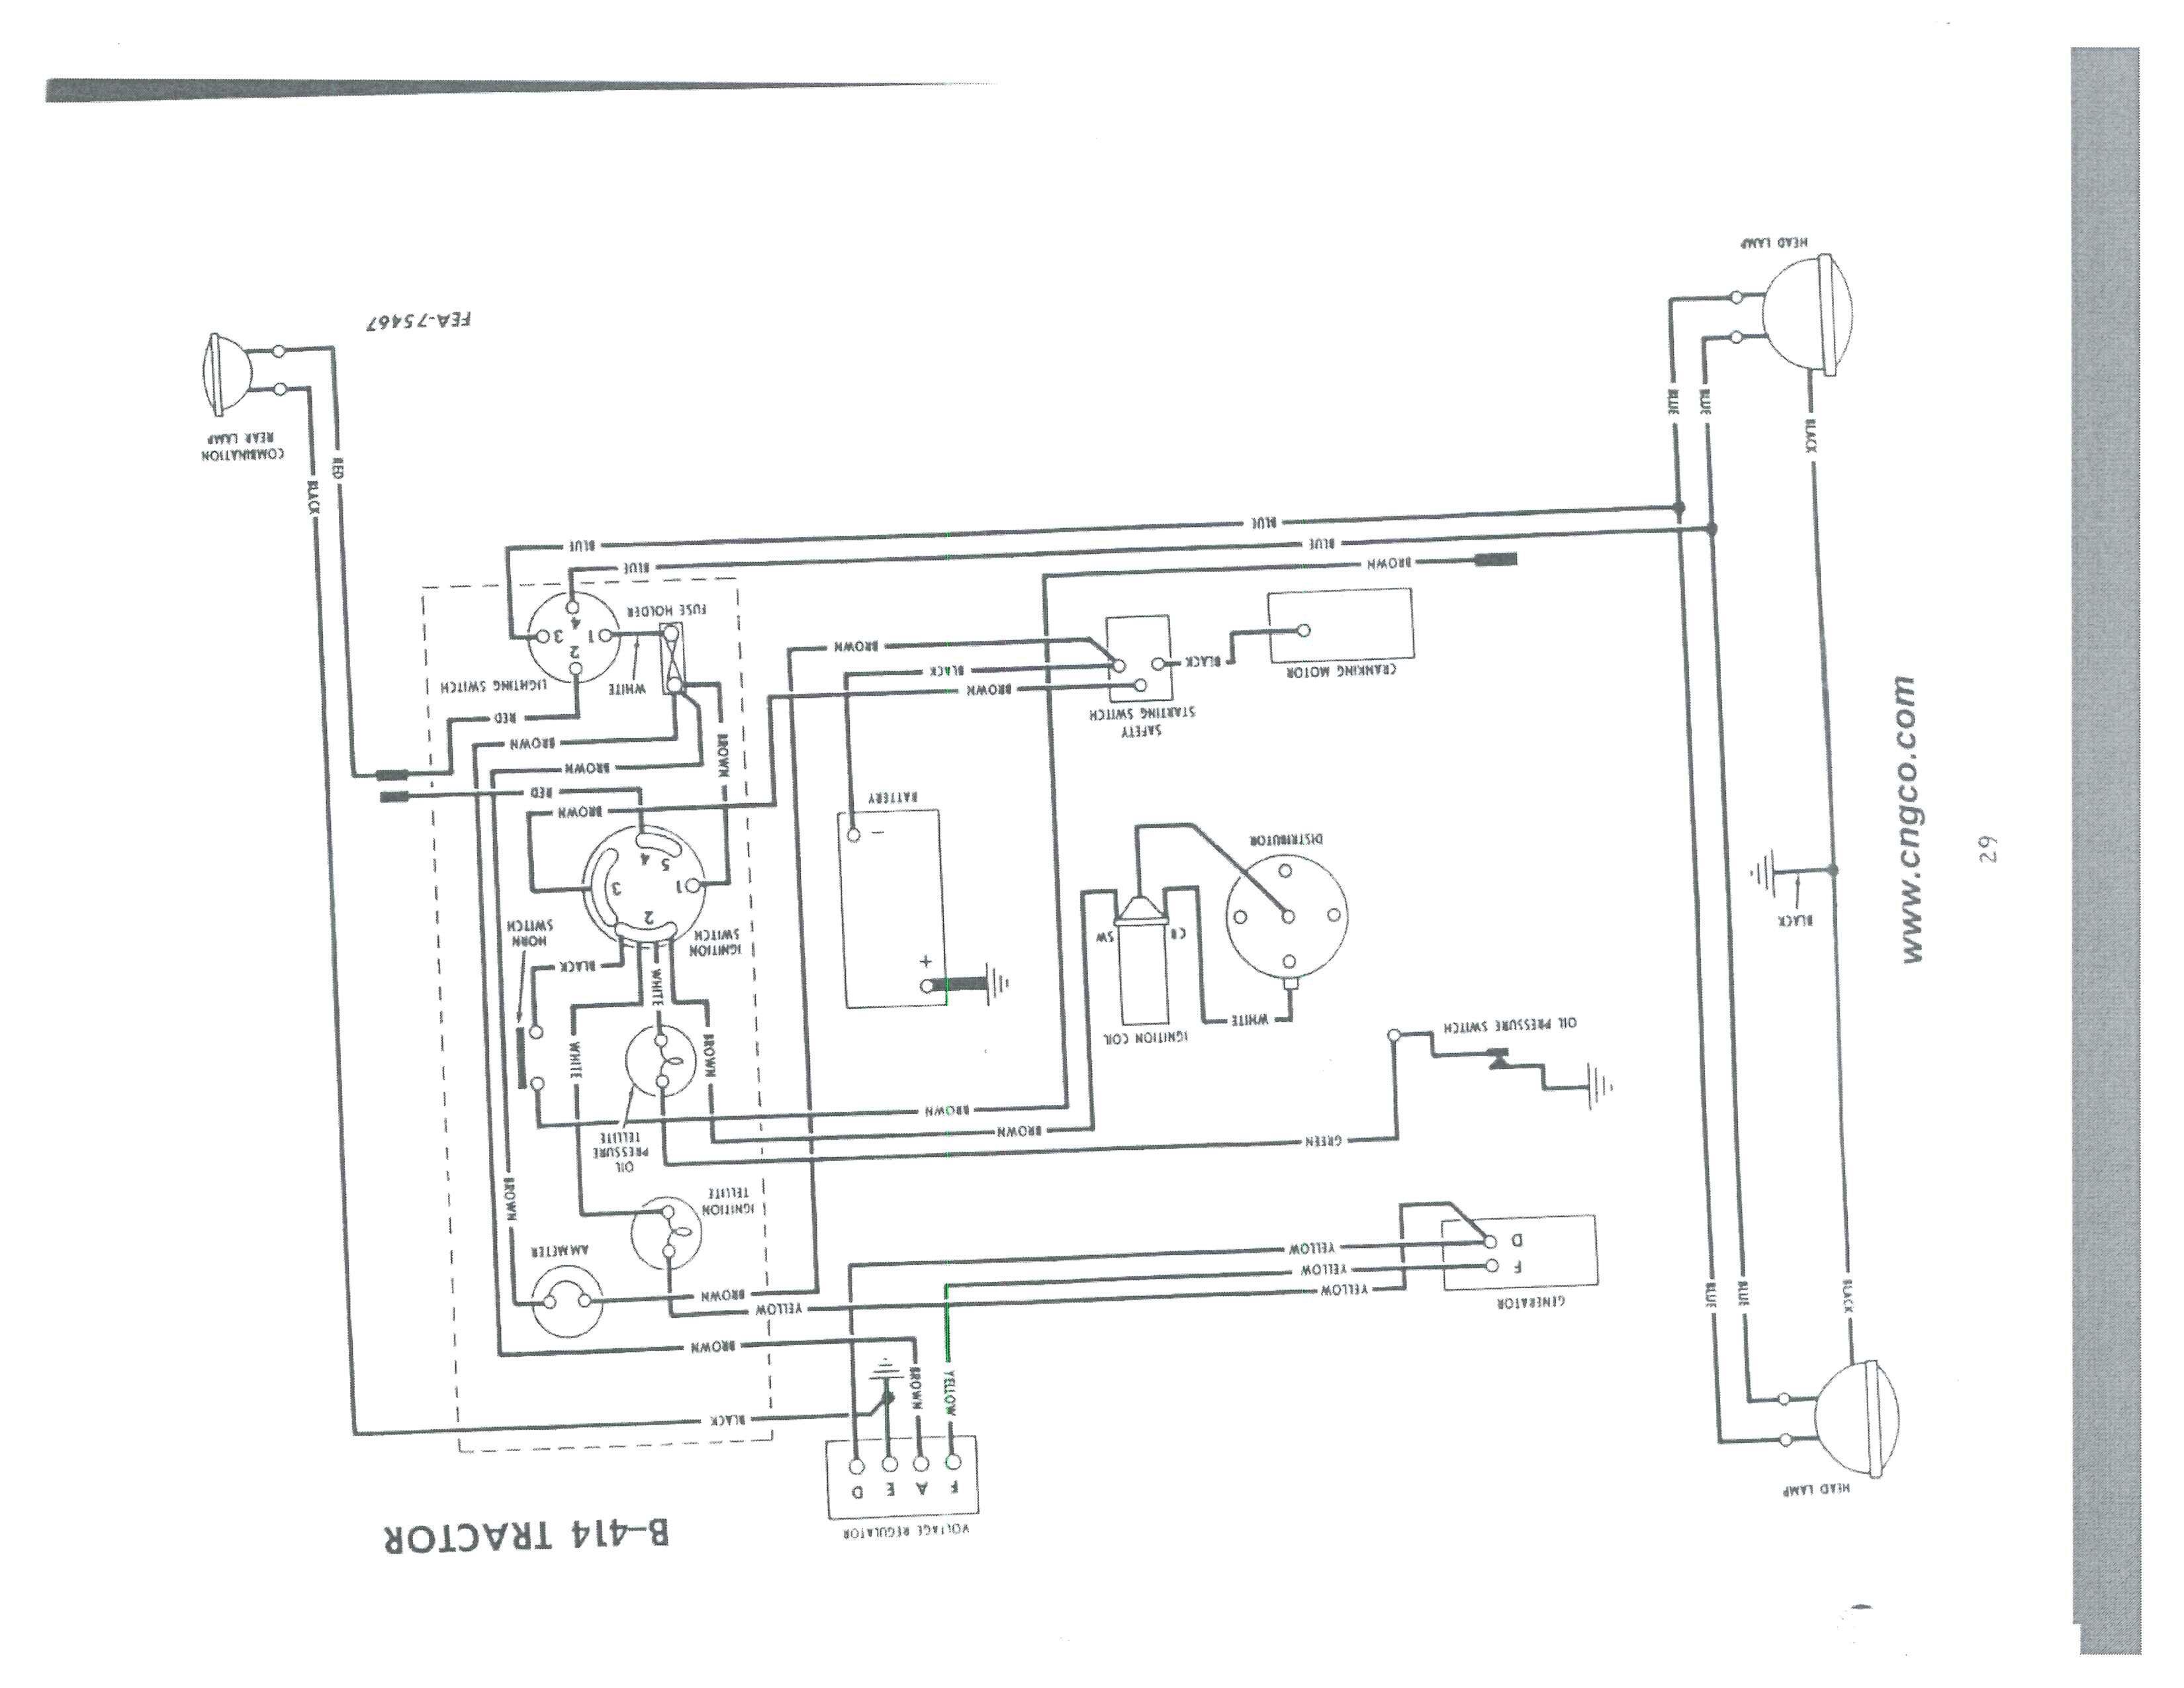 1963 B-414 Pos-ground Vs  Neg-ground   Confused